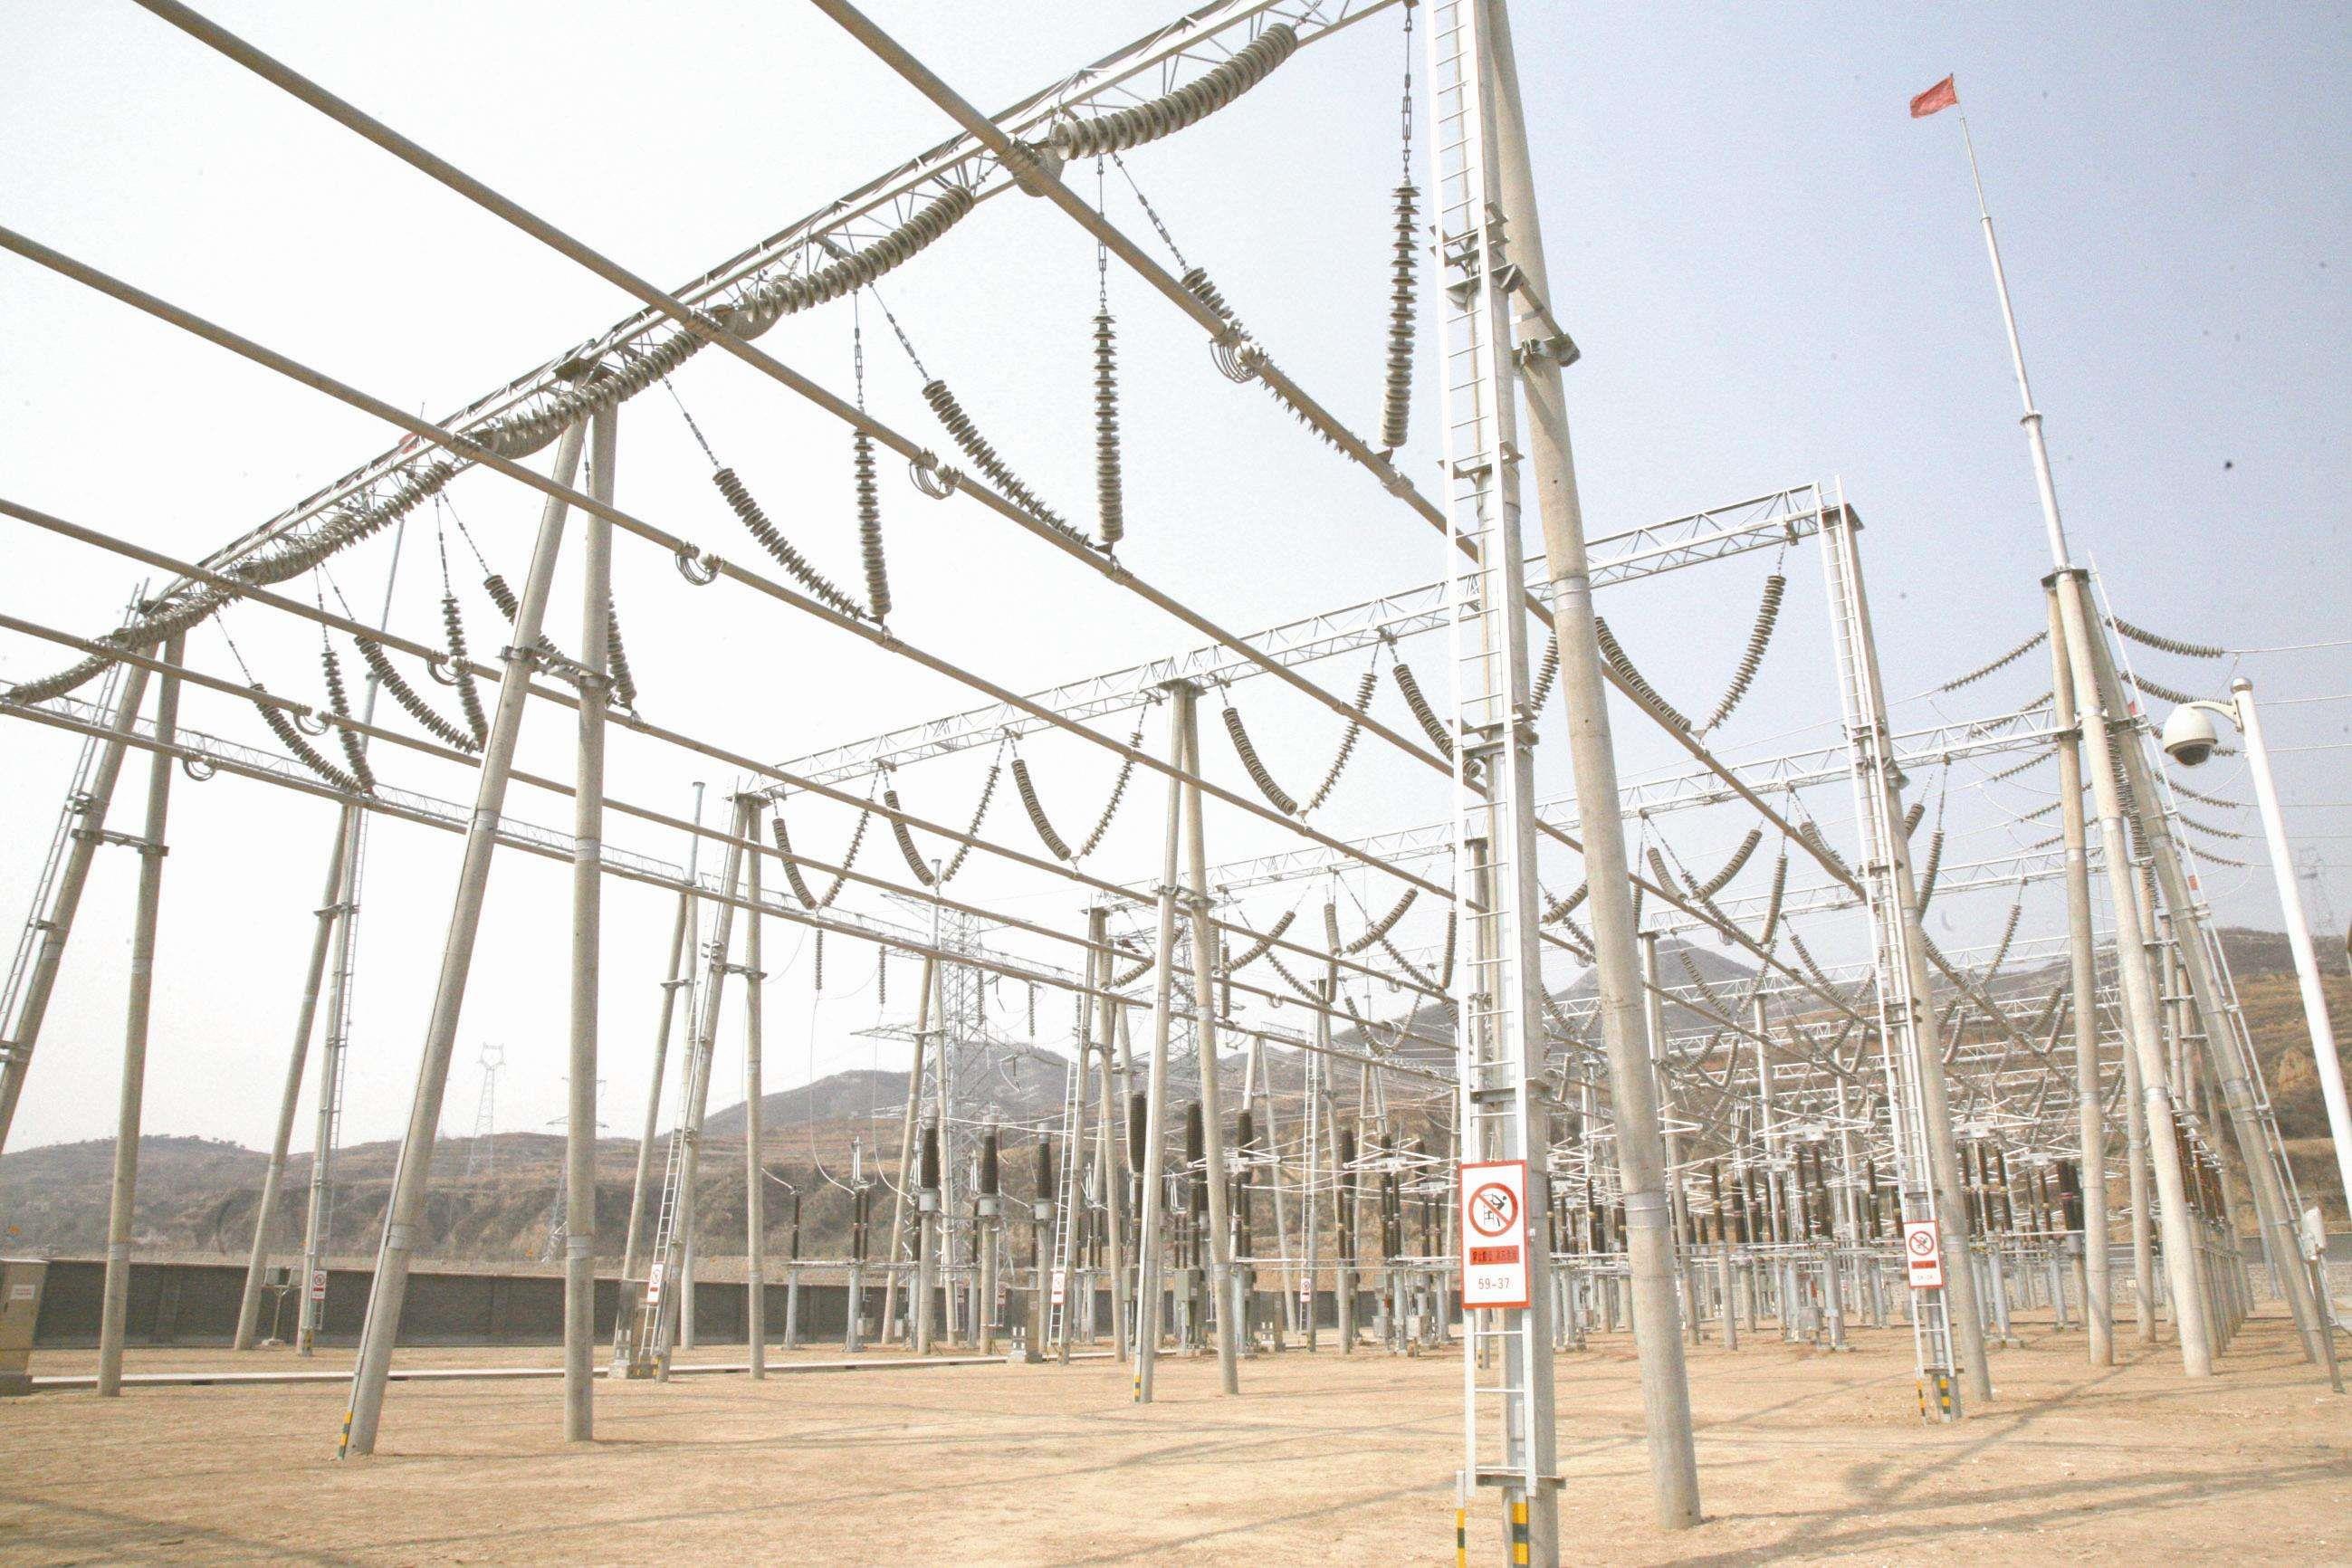 今冬韩国将减停煤电 供电稳定性受关注